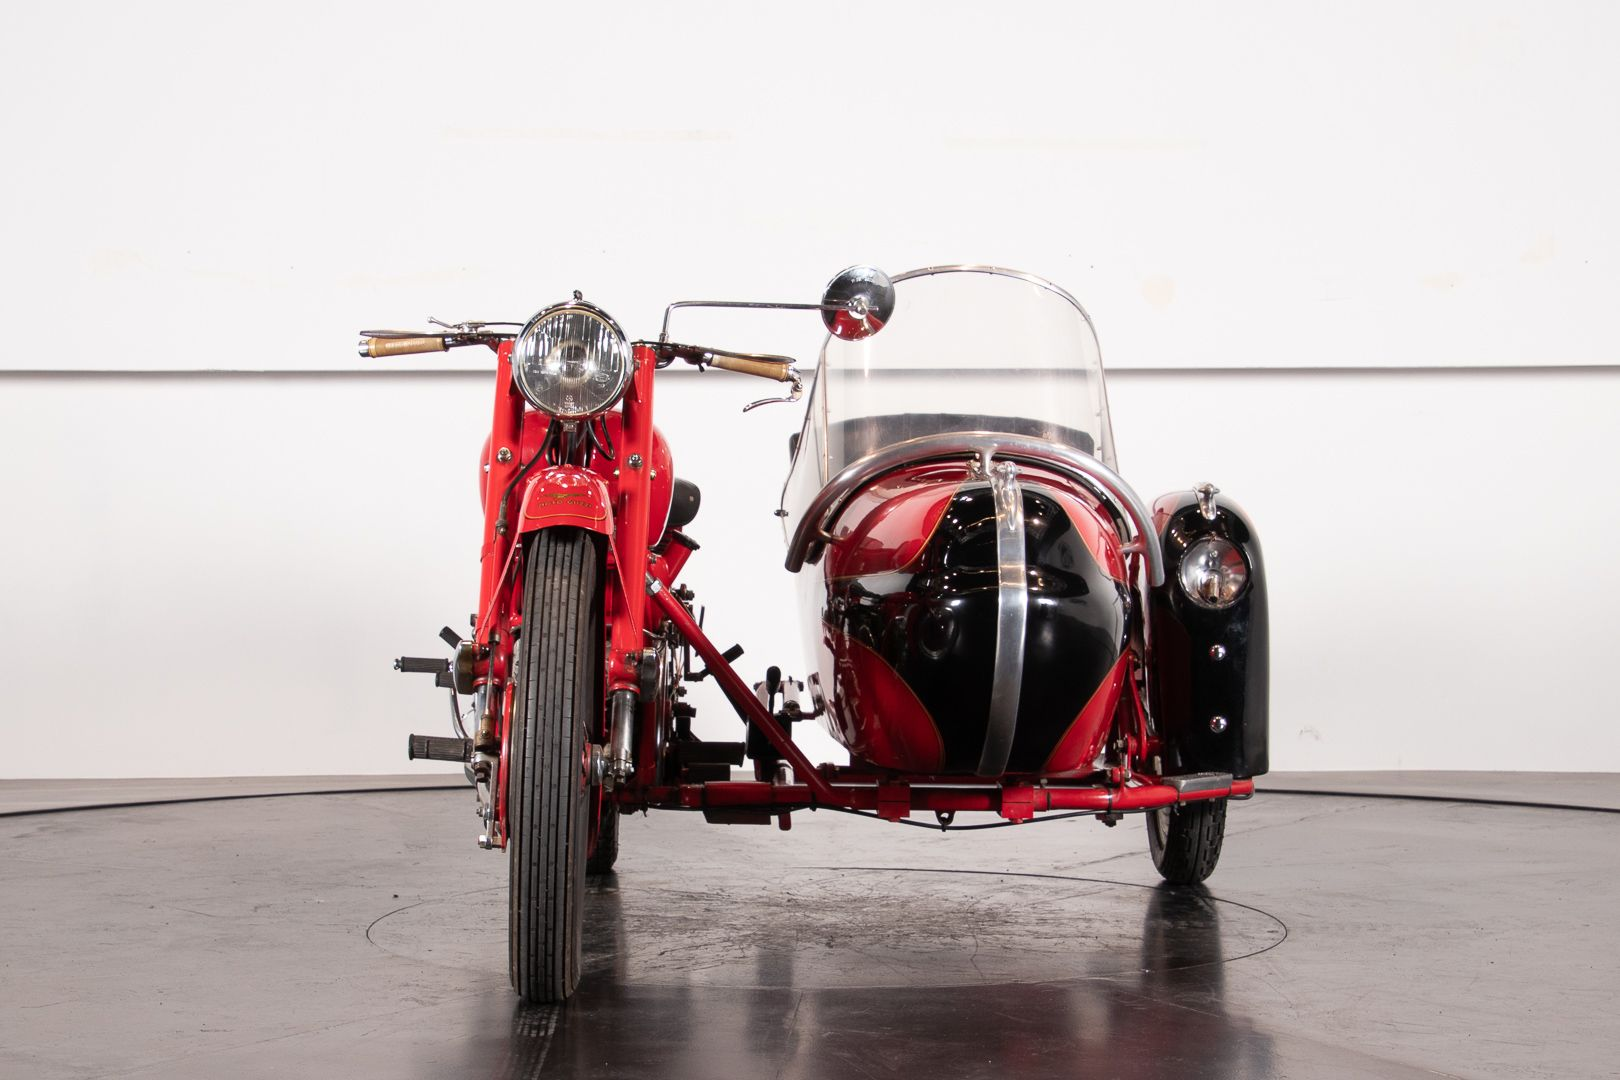 1956 Moto Guzzi 500 FS Sidecar 44959